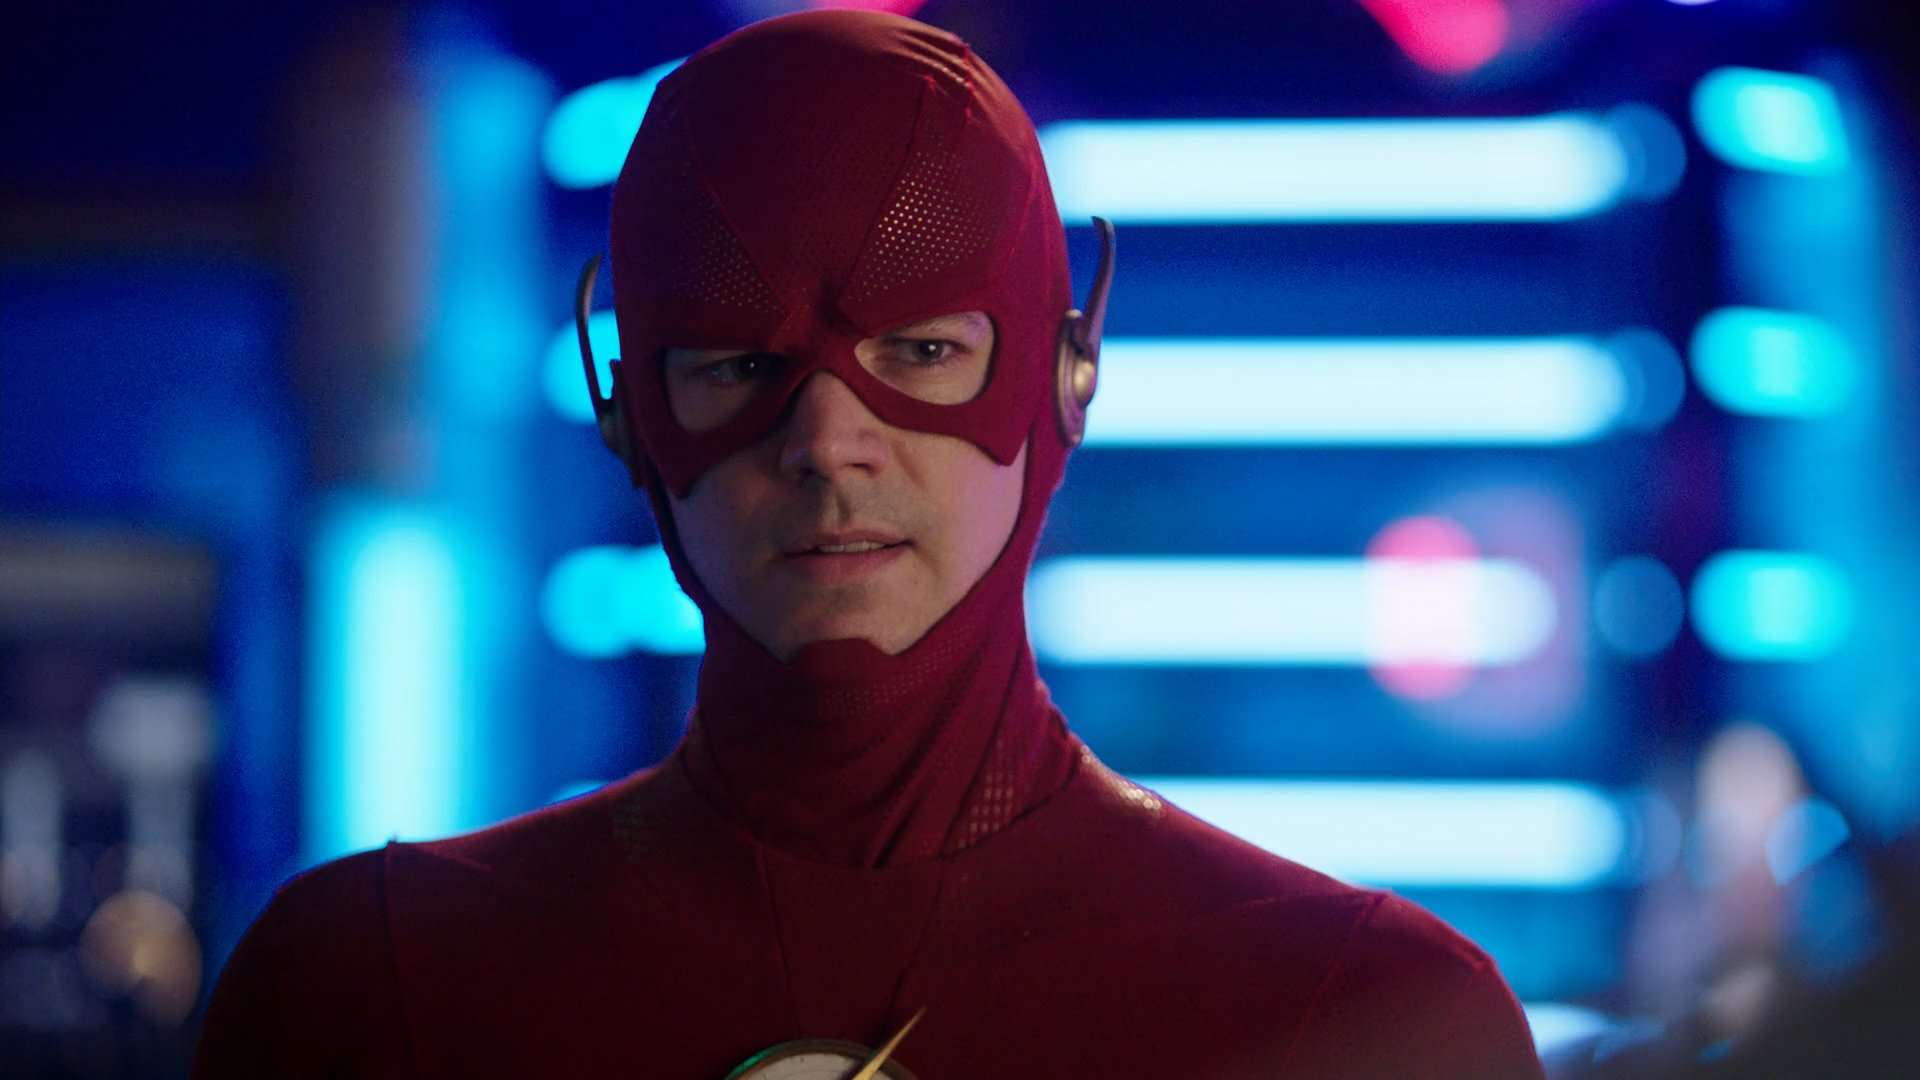 Barry Allen Earth 1 Arrowverse Wiki Fandom